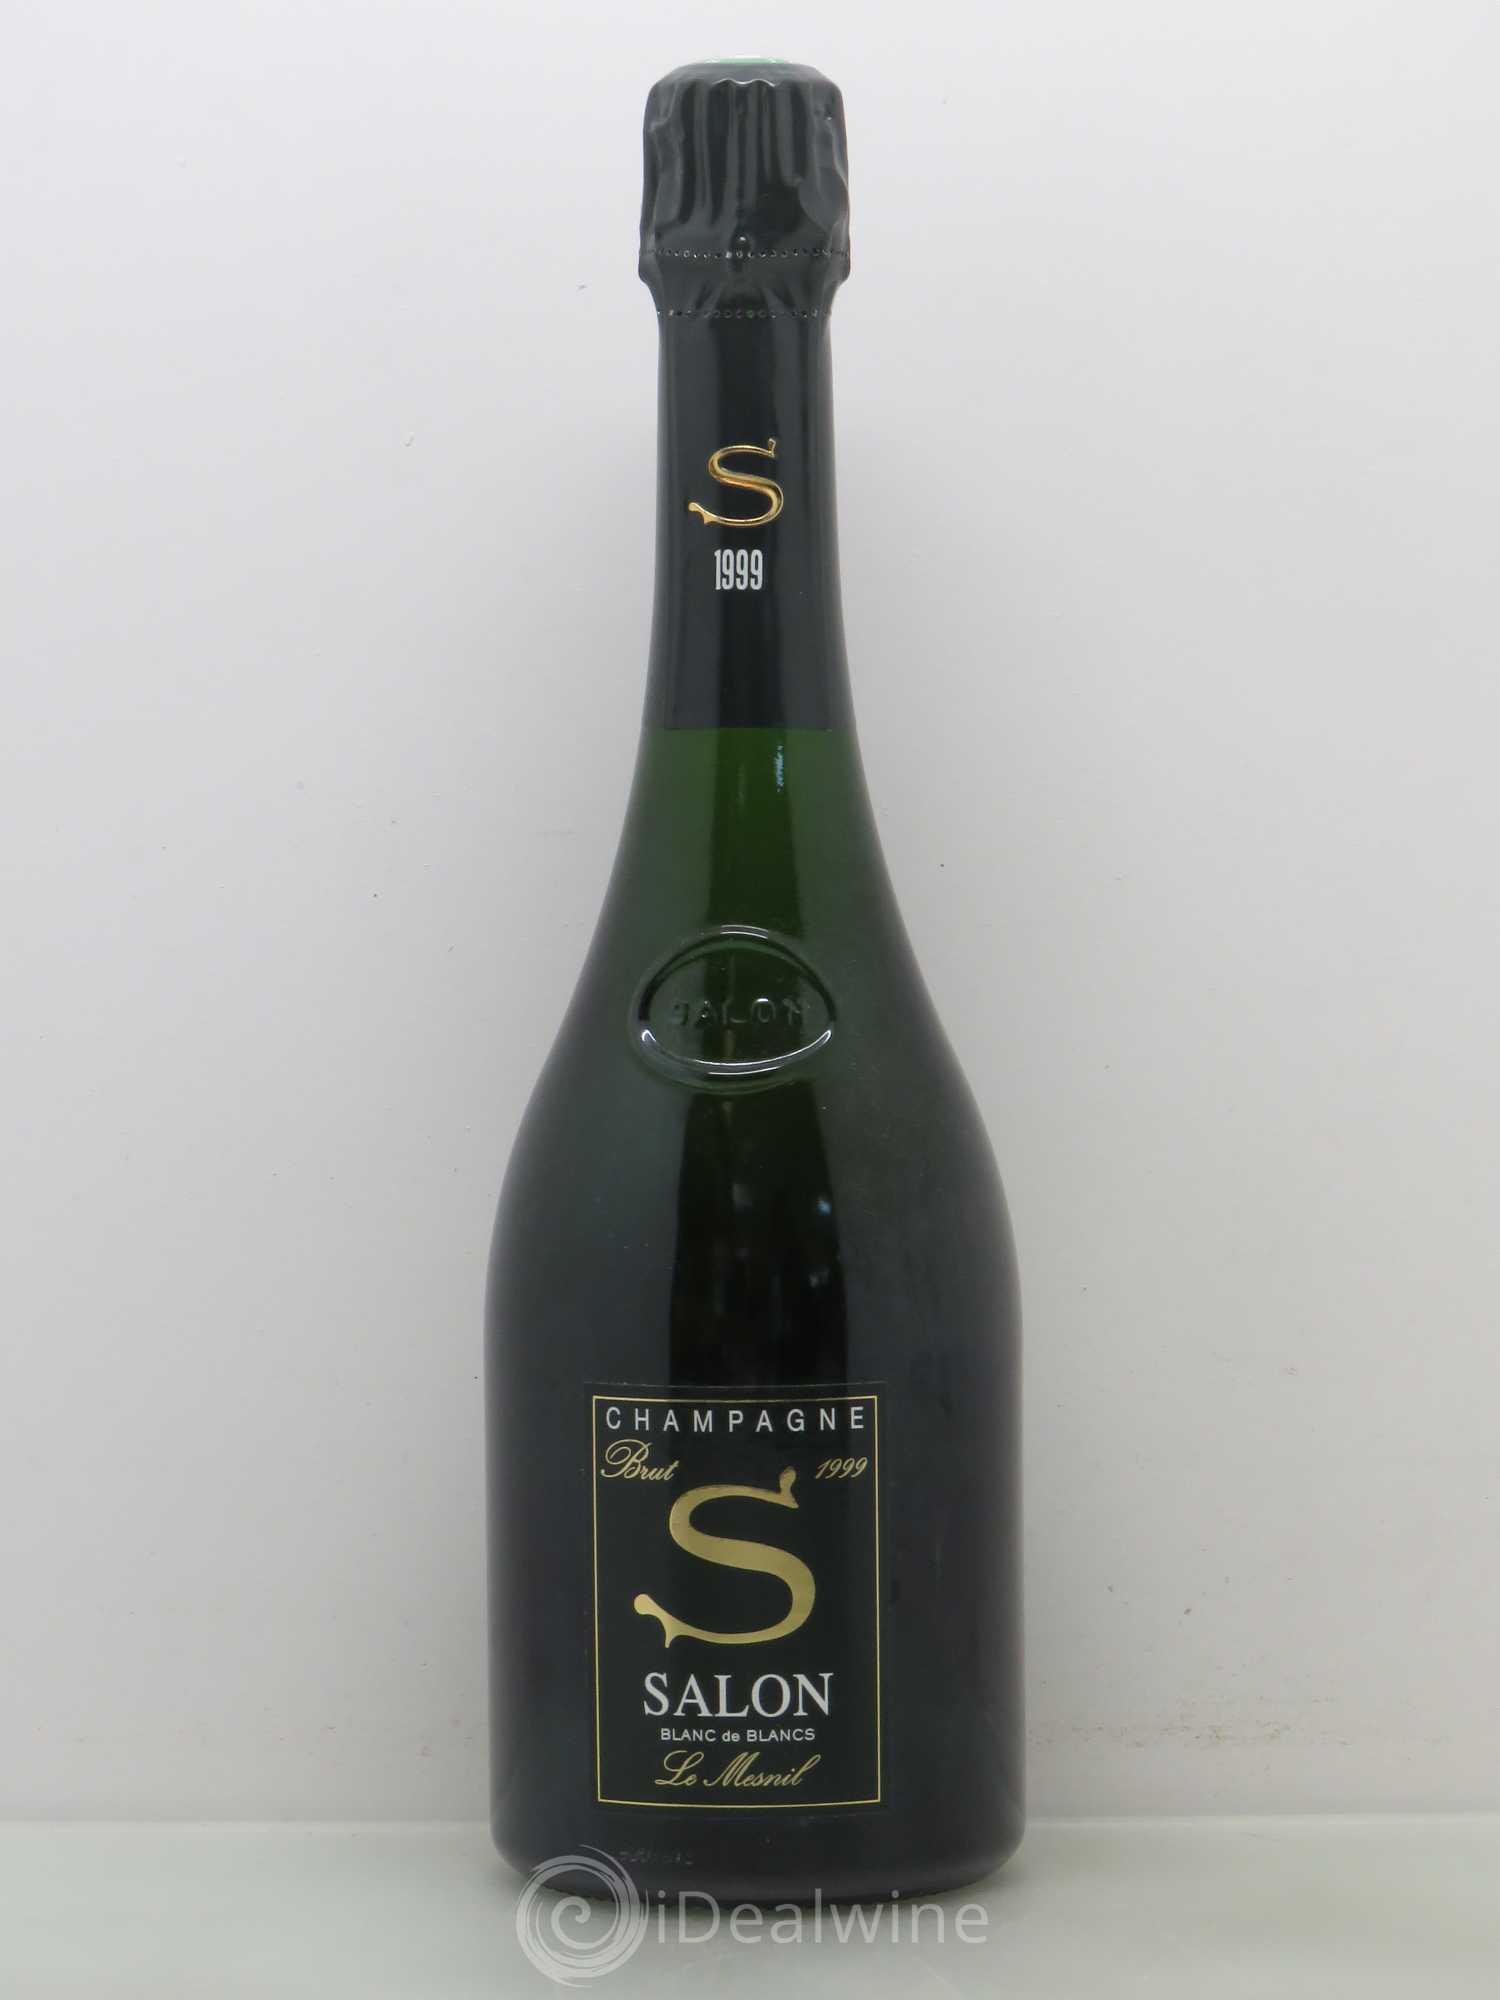 Cuvée S Salon 1999